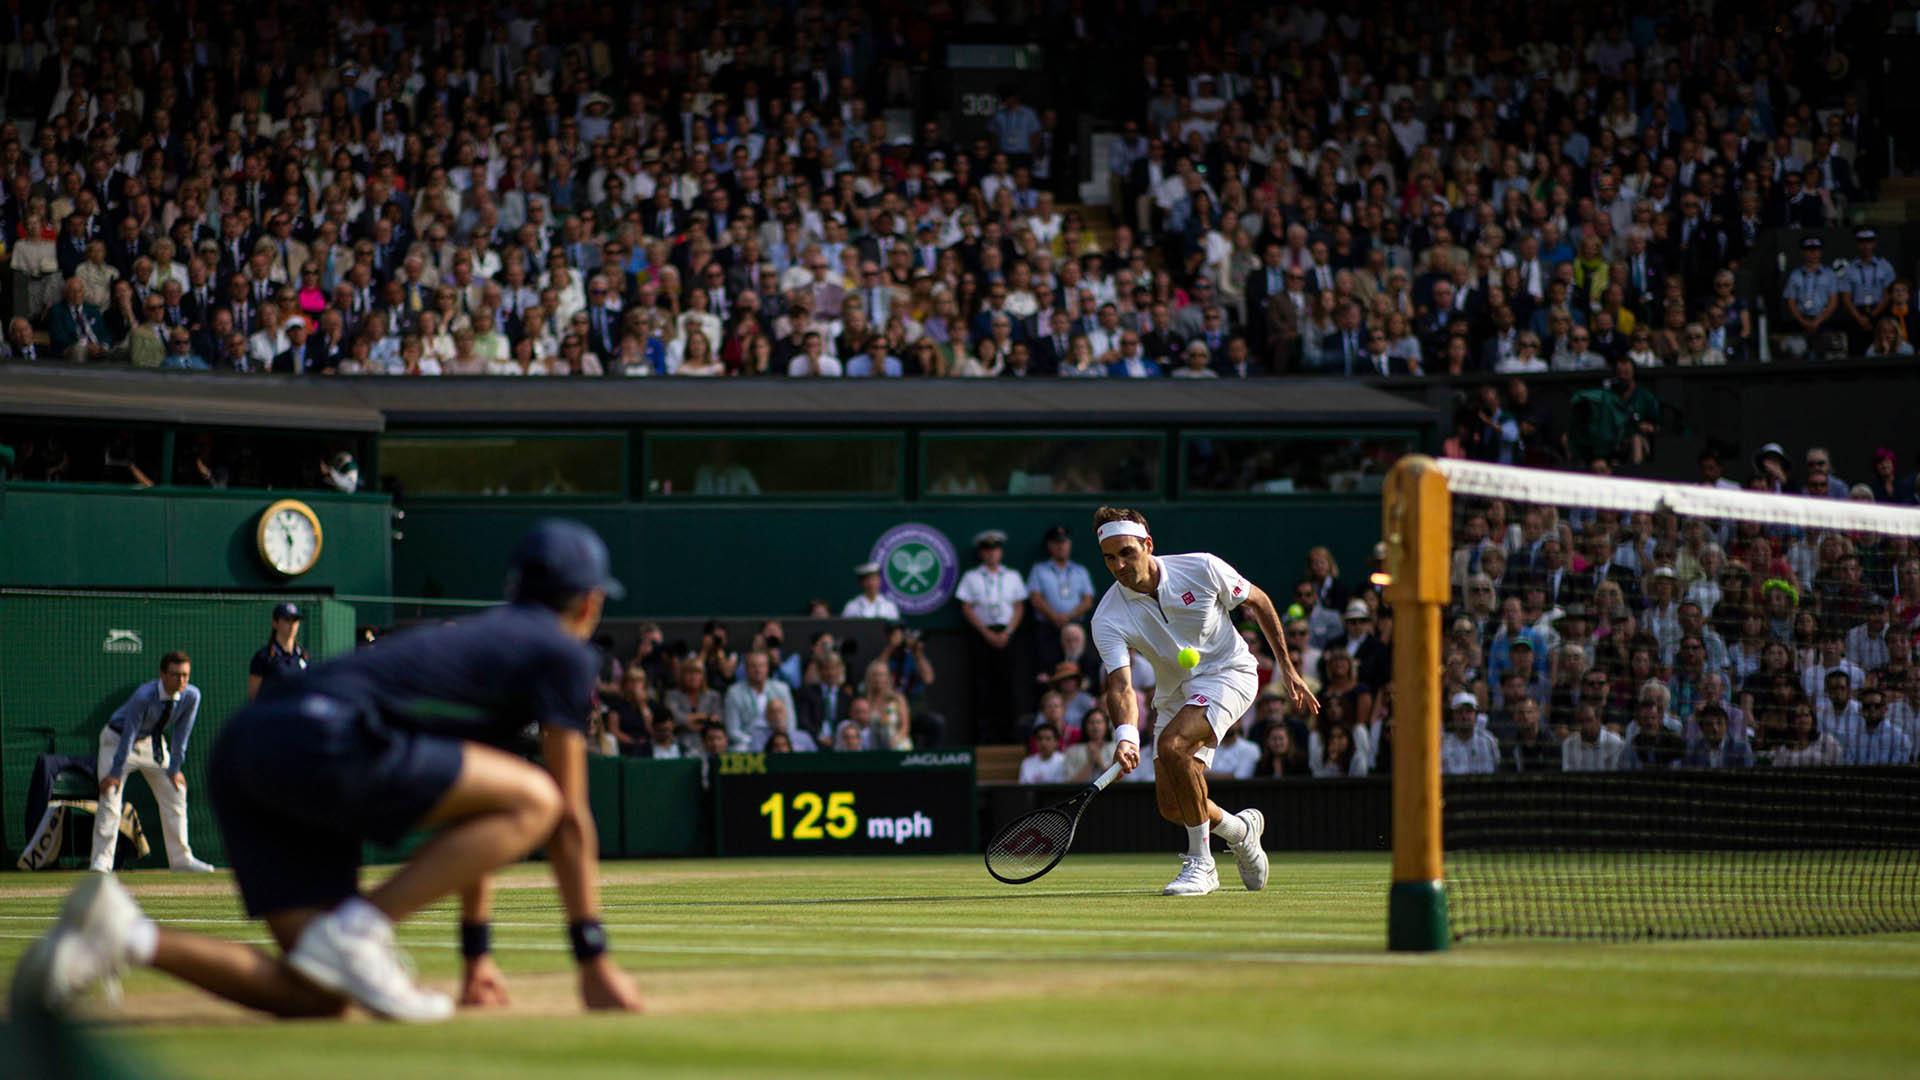 El público alentó durante todo el partido al nacido en Basilea (Shutterstock)